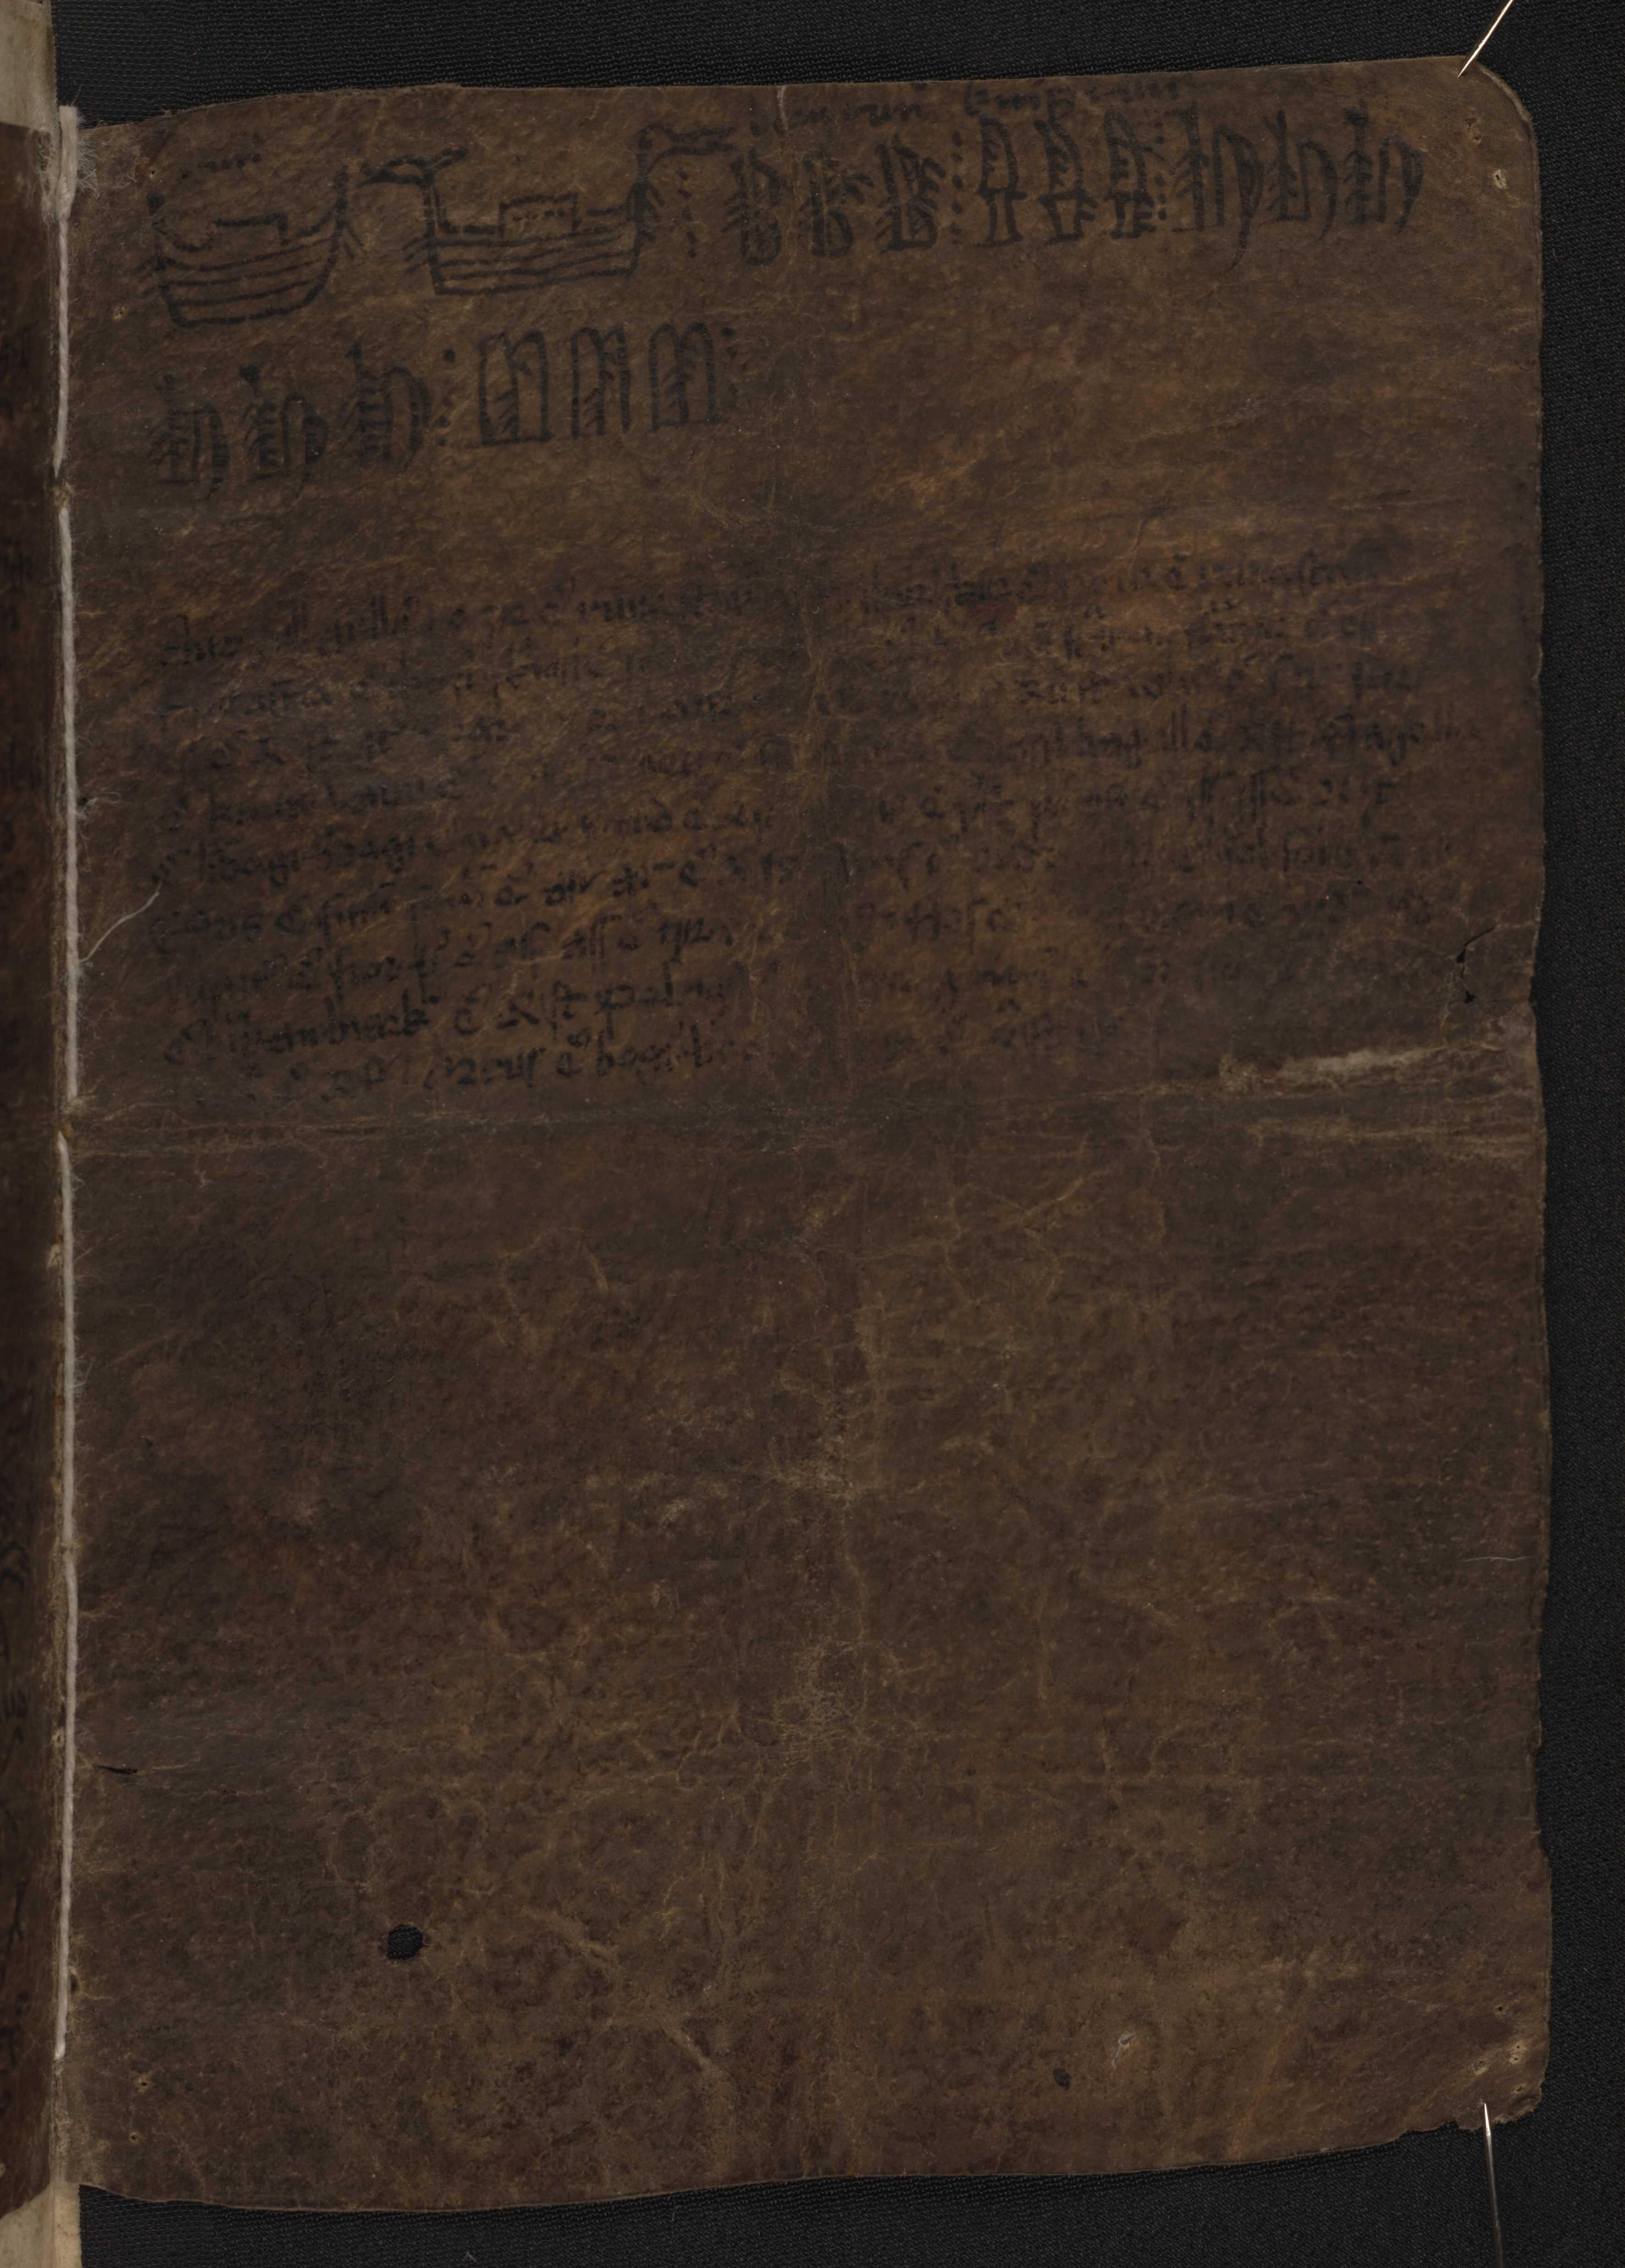 AM 687 d 4° - 2r